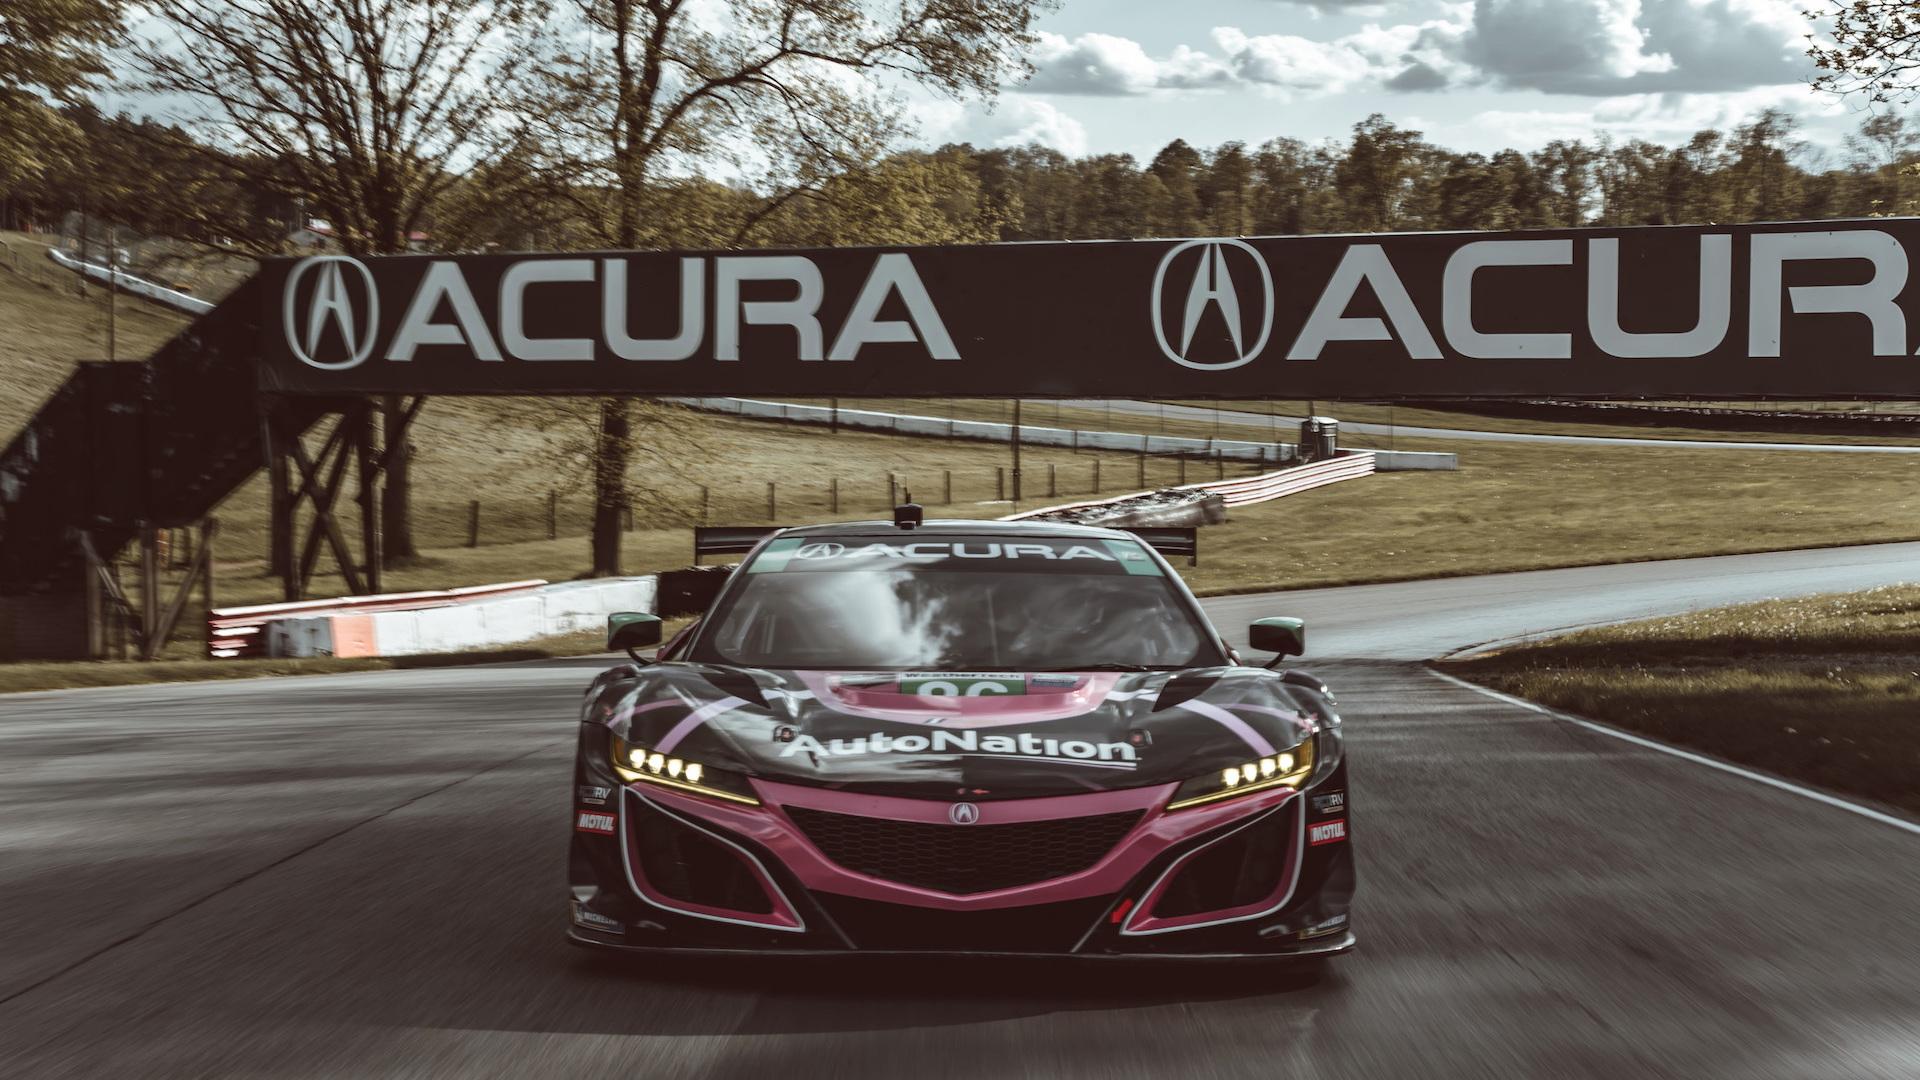 The Acura Nsx Versus The Nsx Gt3 Evo Race Car